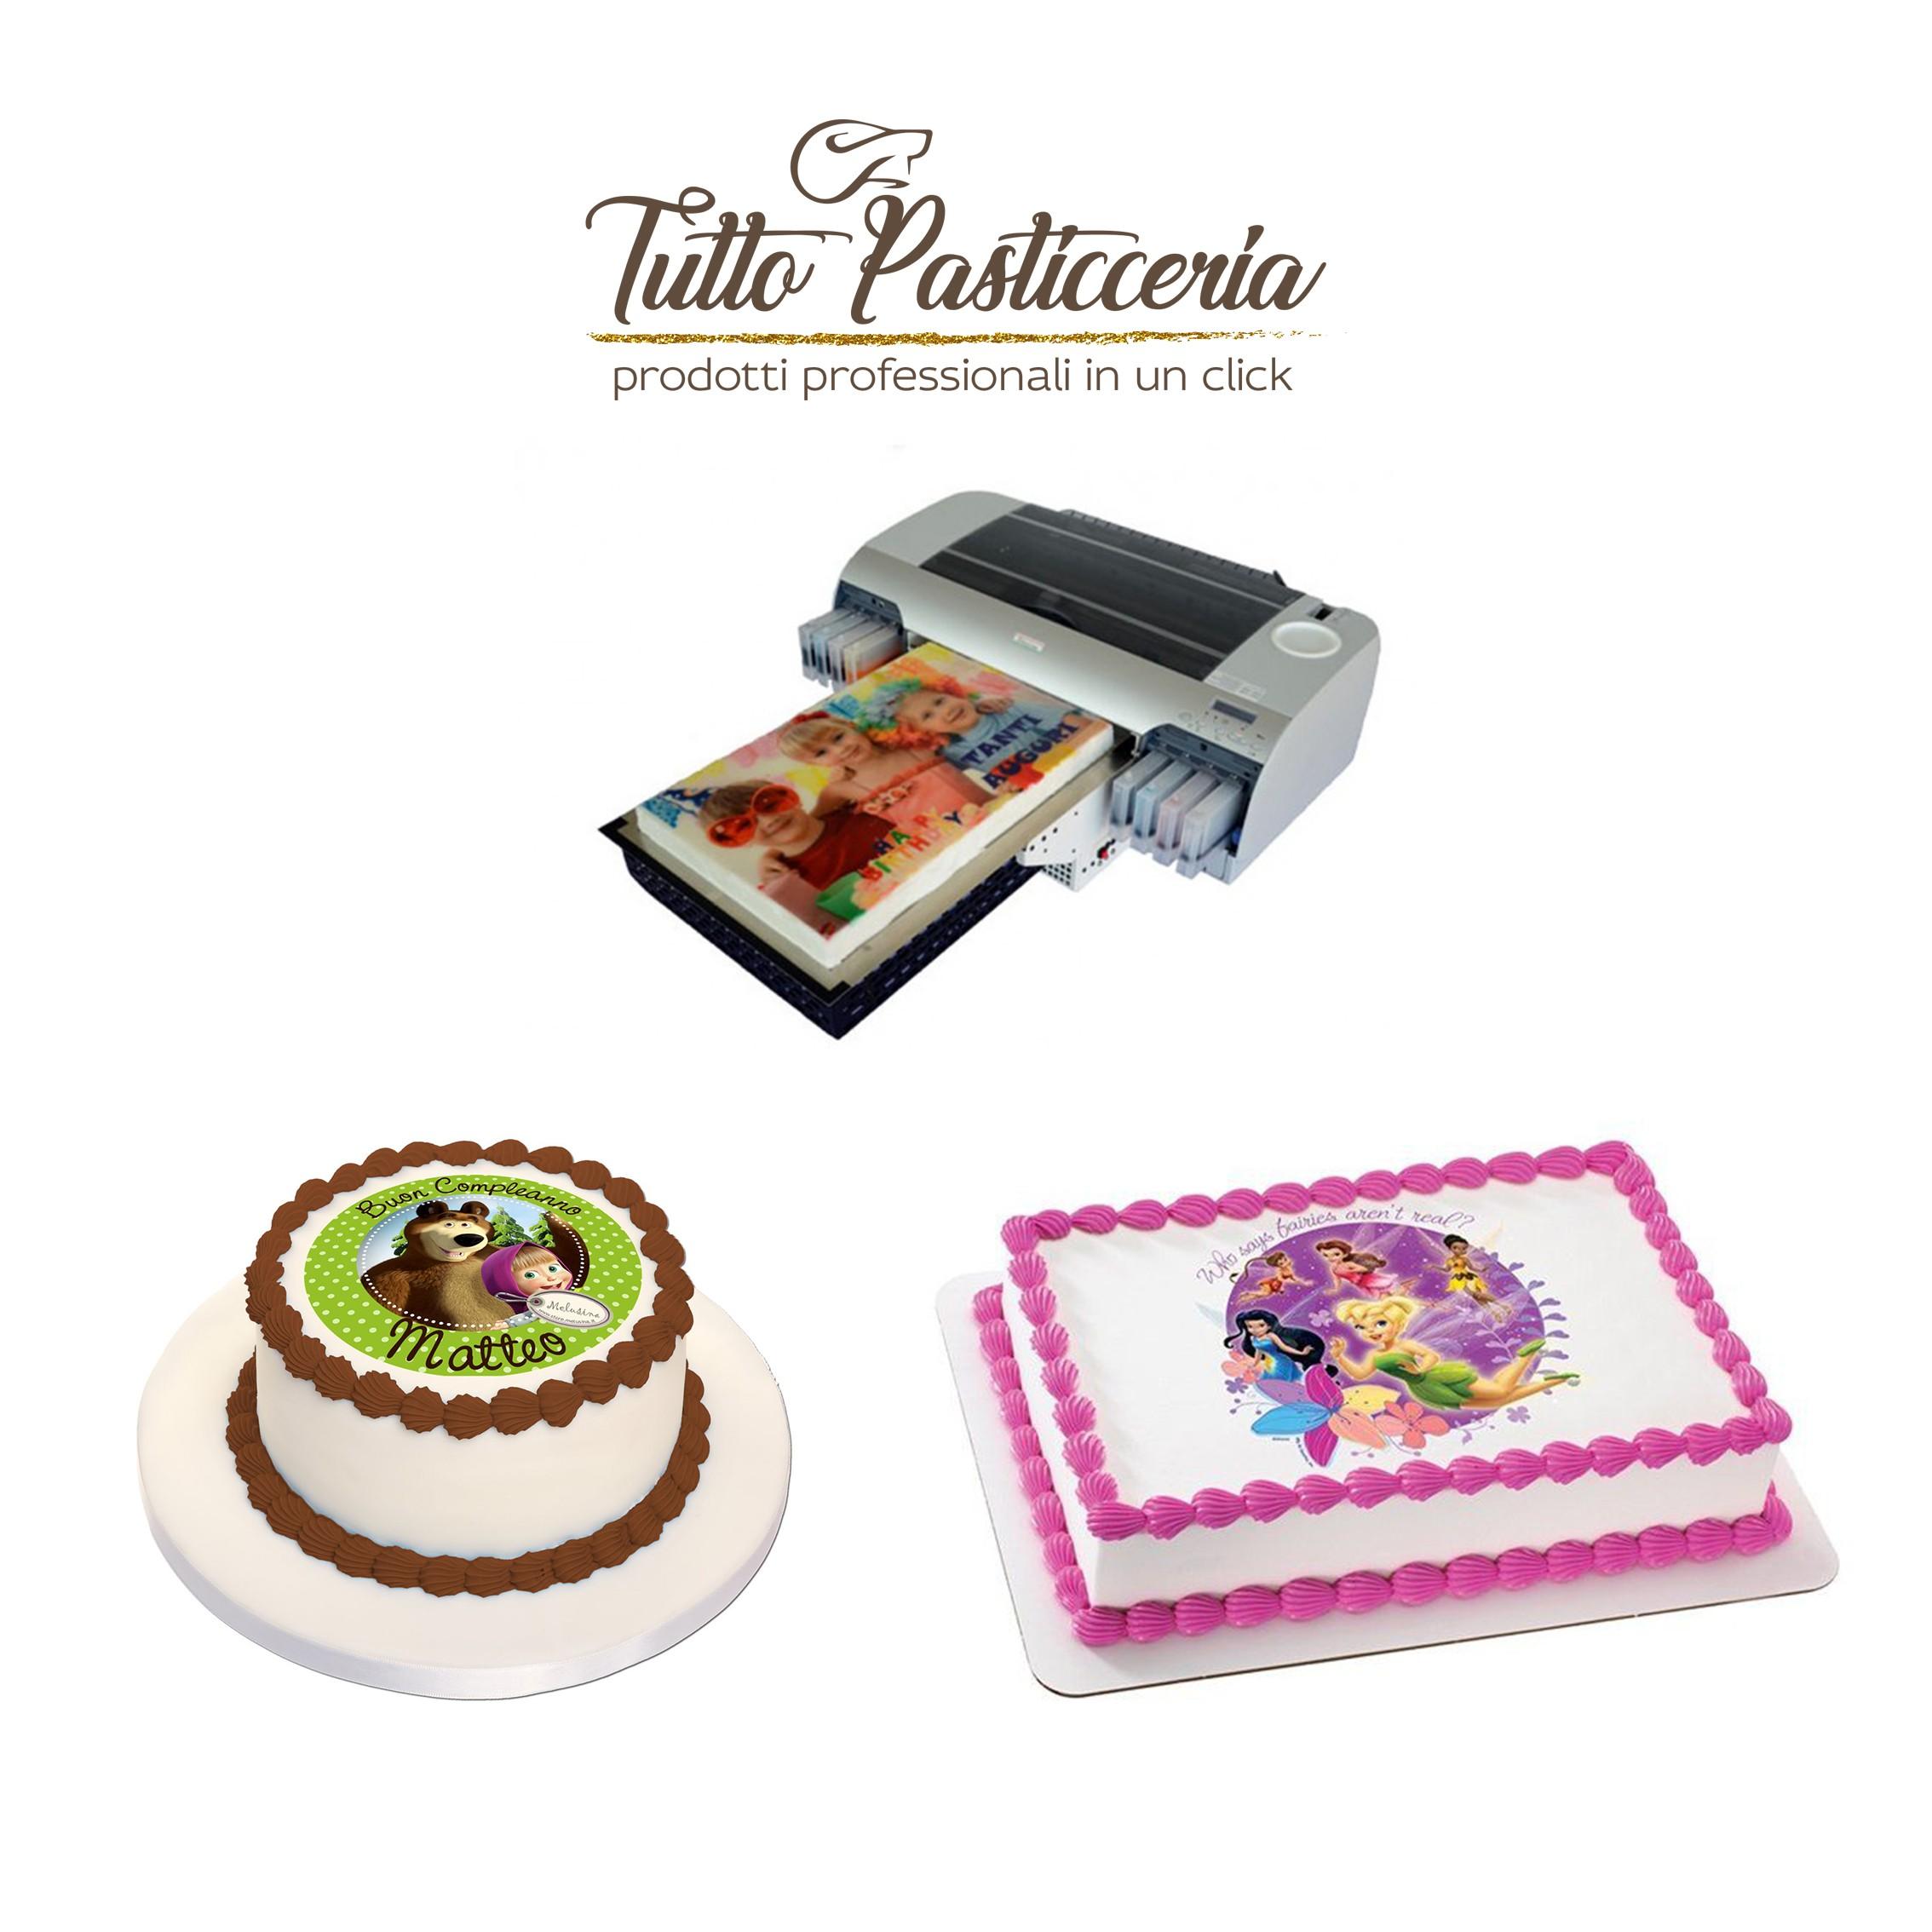 Cialda TROLLS FOTO Decorazione Torta Ostia o Zucchero  senza glutine